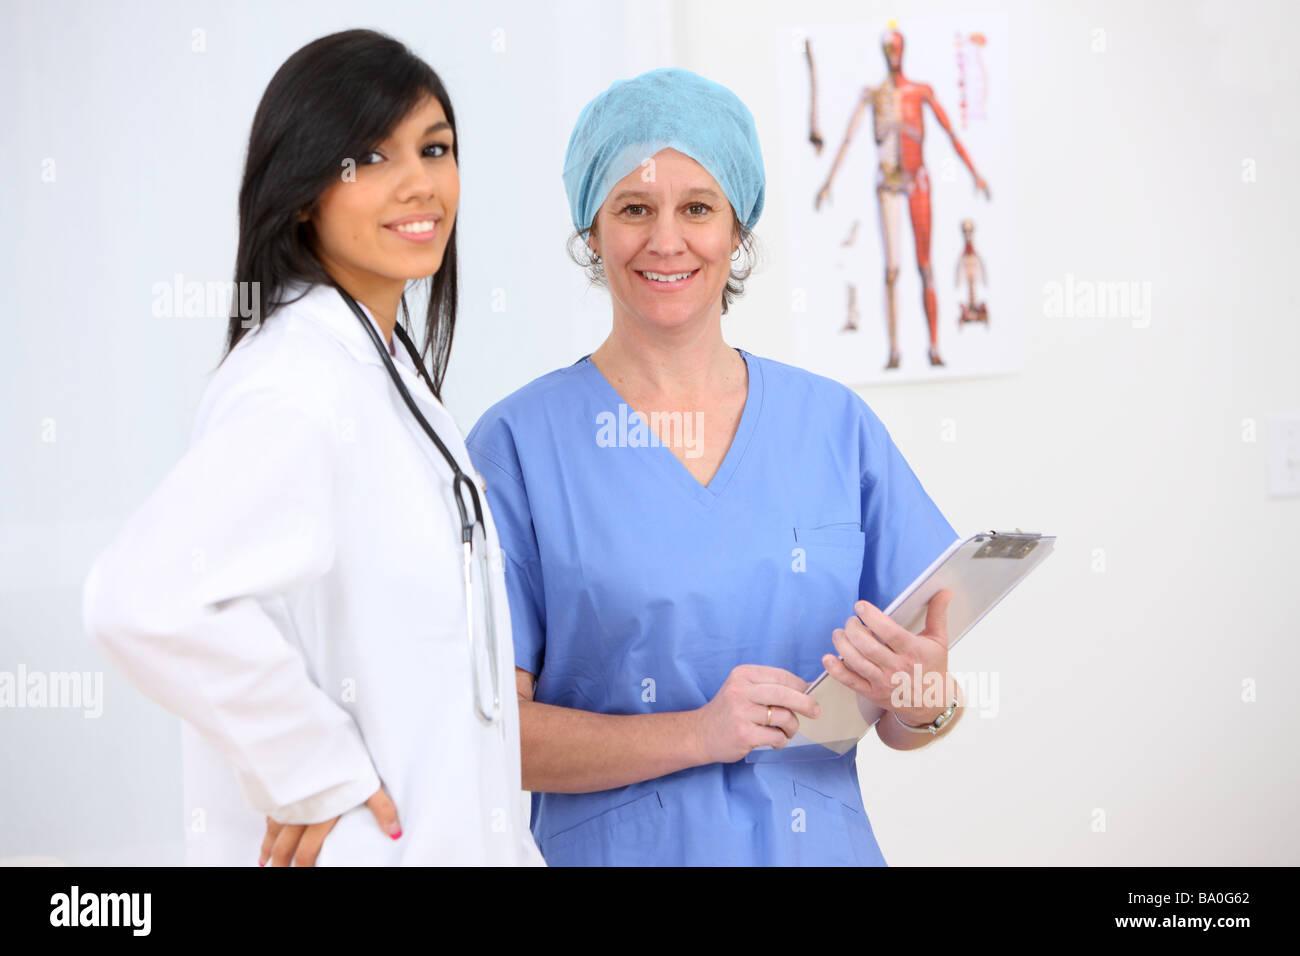 Retrato personal médico Imagen De Stock